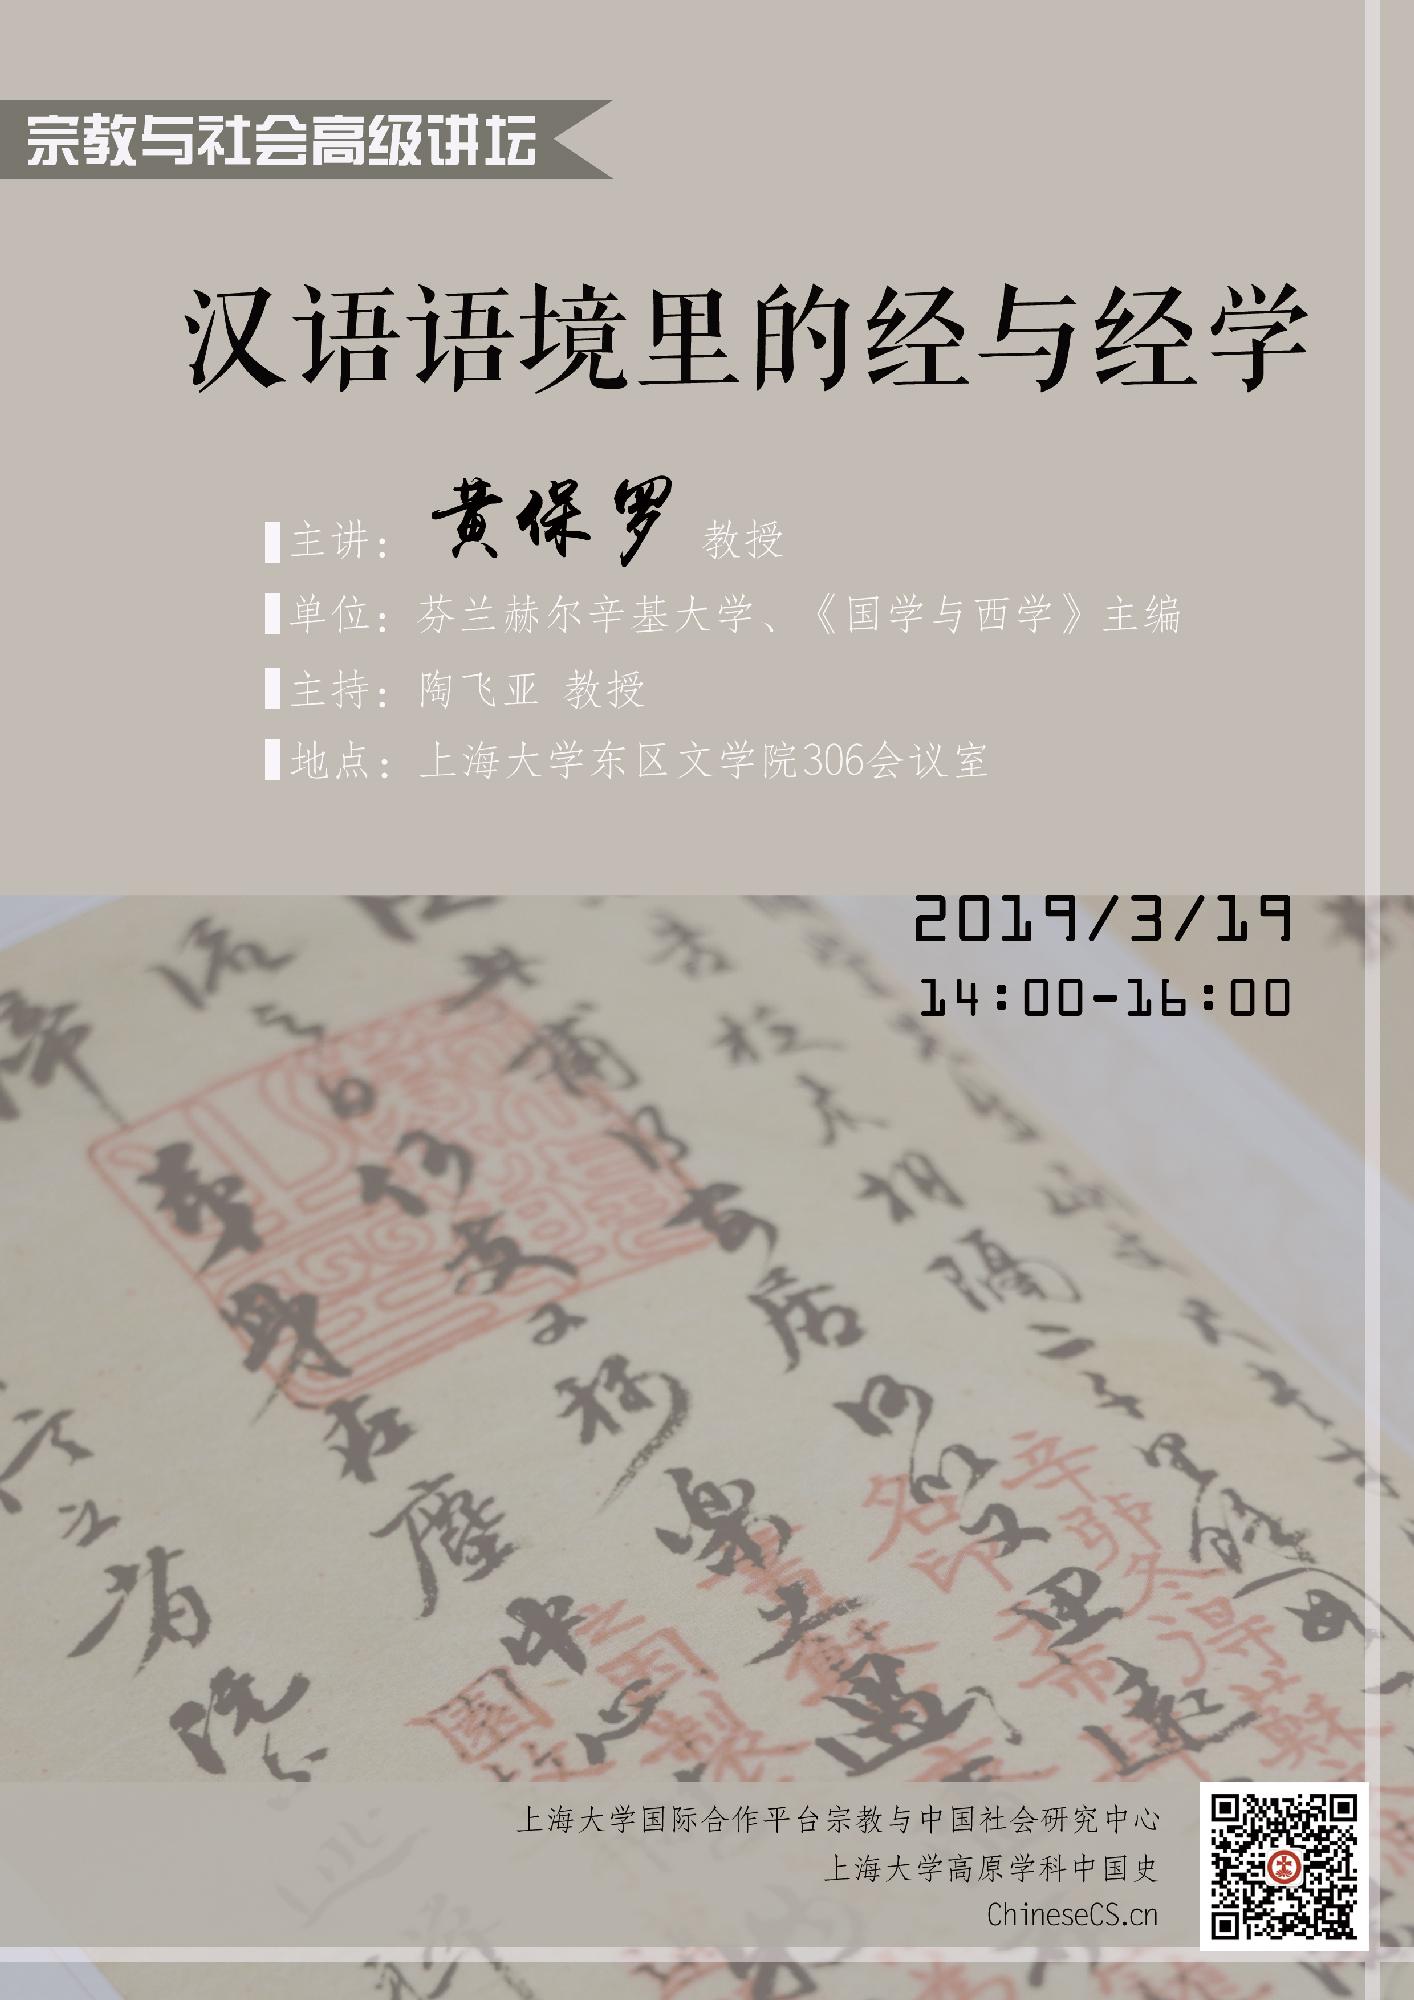 讲座通知:3月19日下午2:00,黄保罗:汉语语境中的经与经学